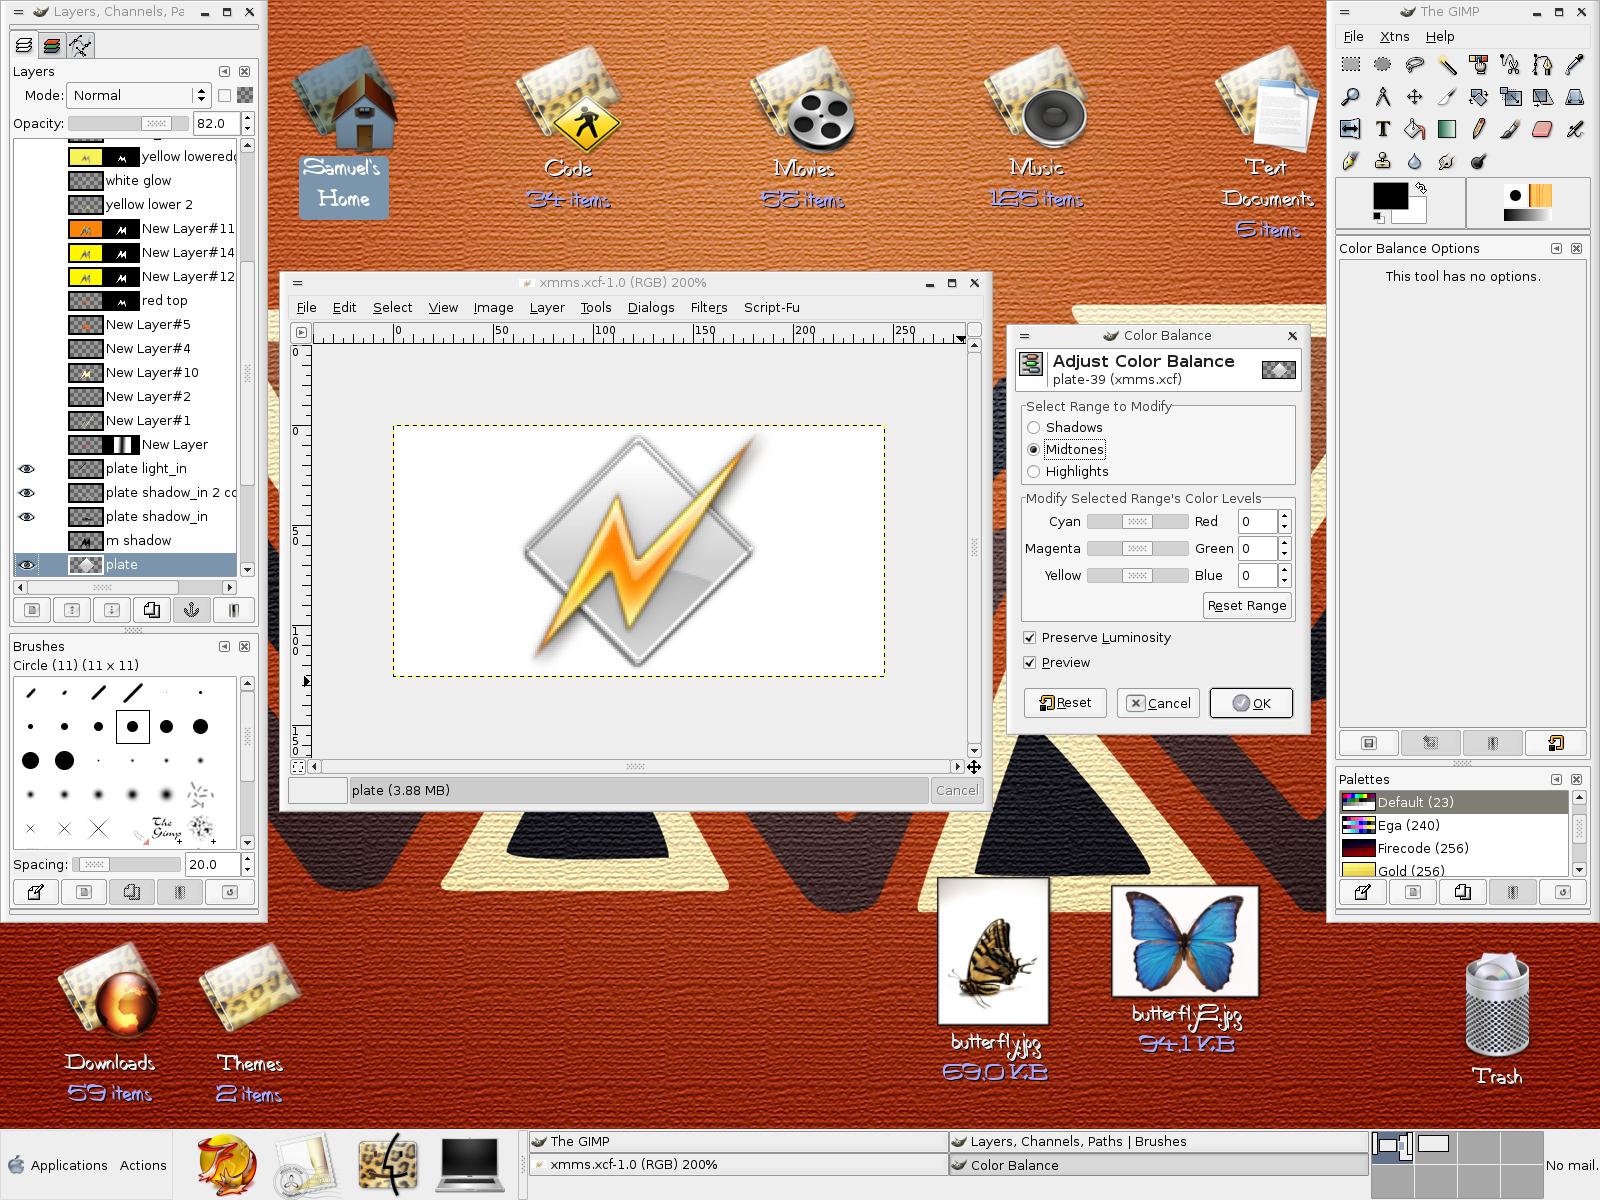 GNOME 2.8